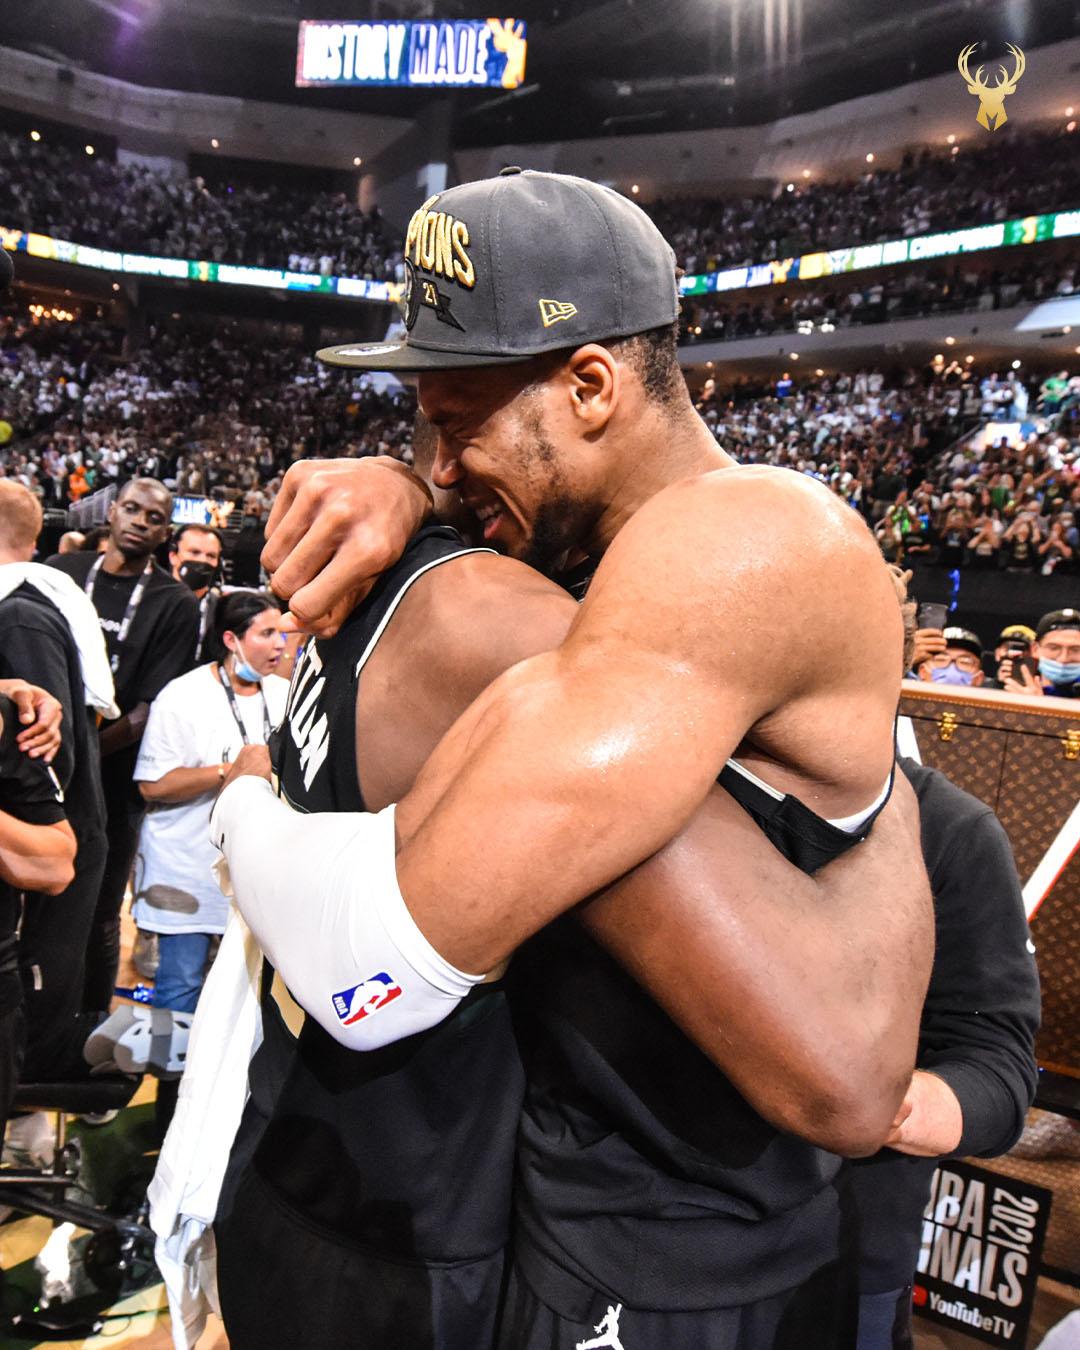 Αγκαλιάζοντας τον Κρις Μίντλετον, τον άλλο σπουδαίο παίκτη των Μπακς